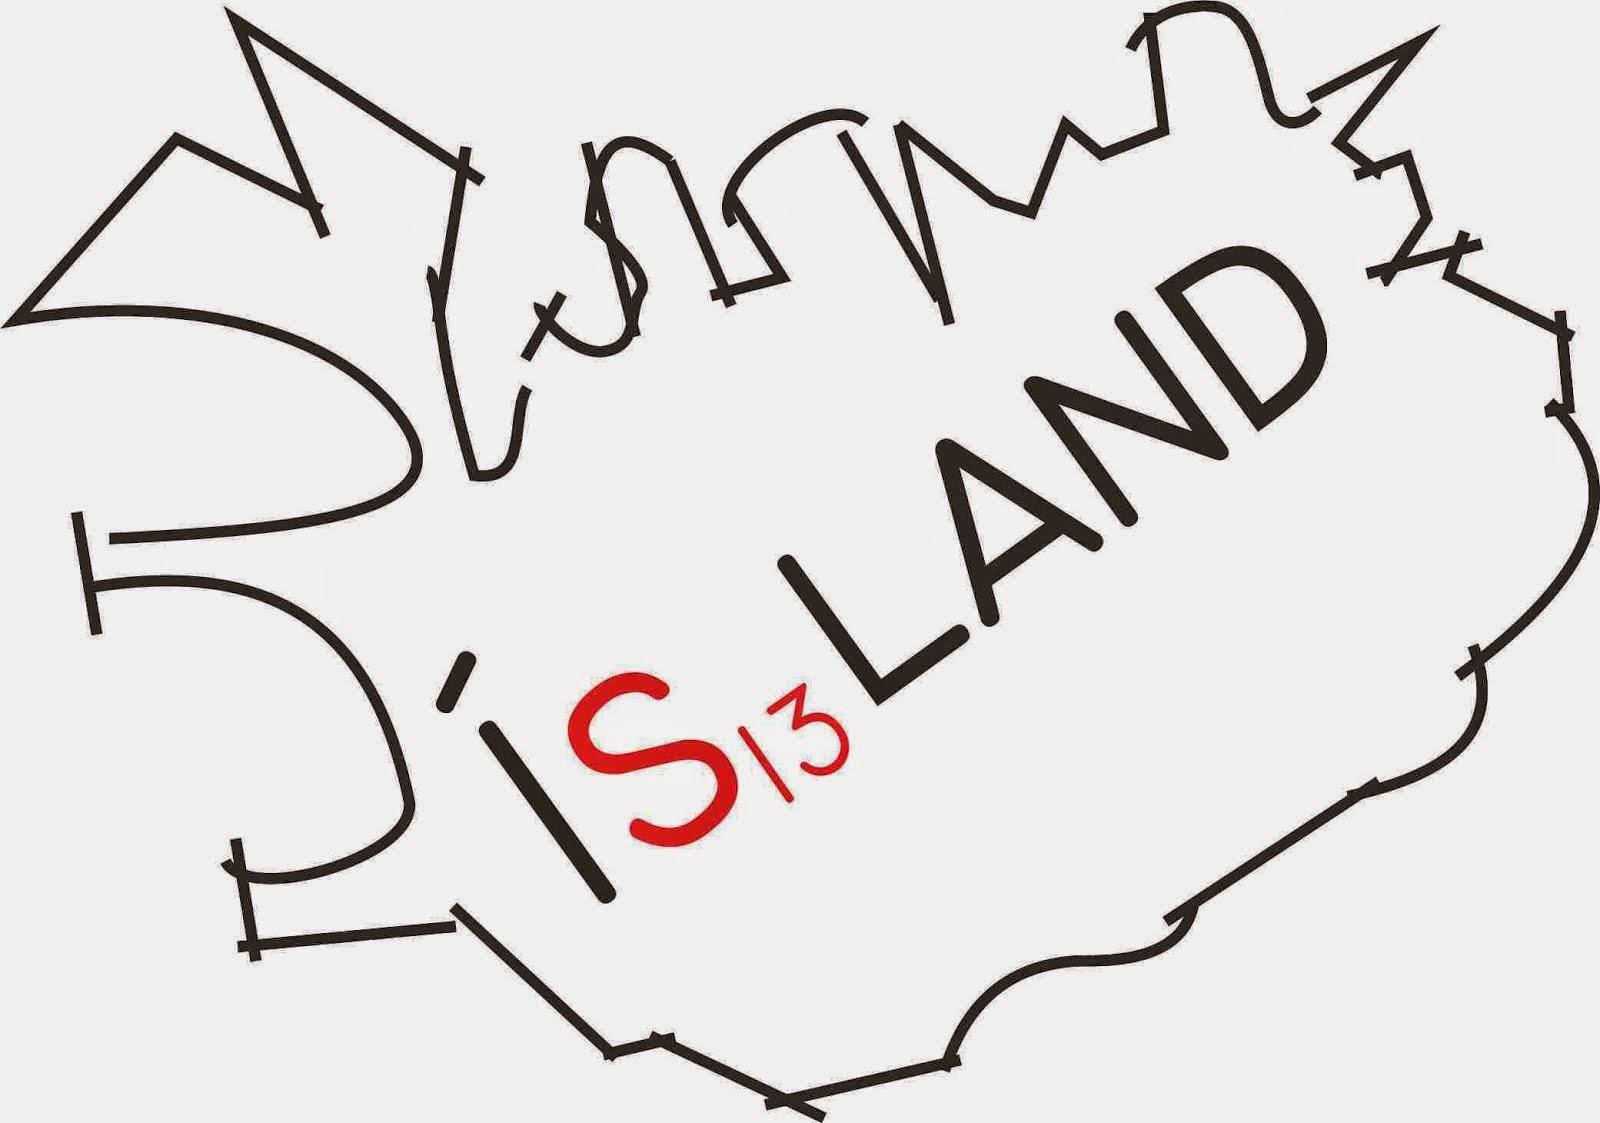 Ís13land...